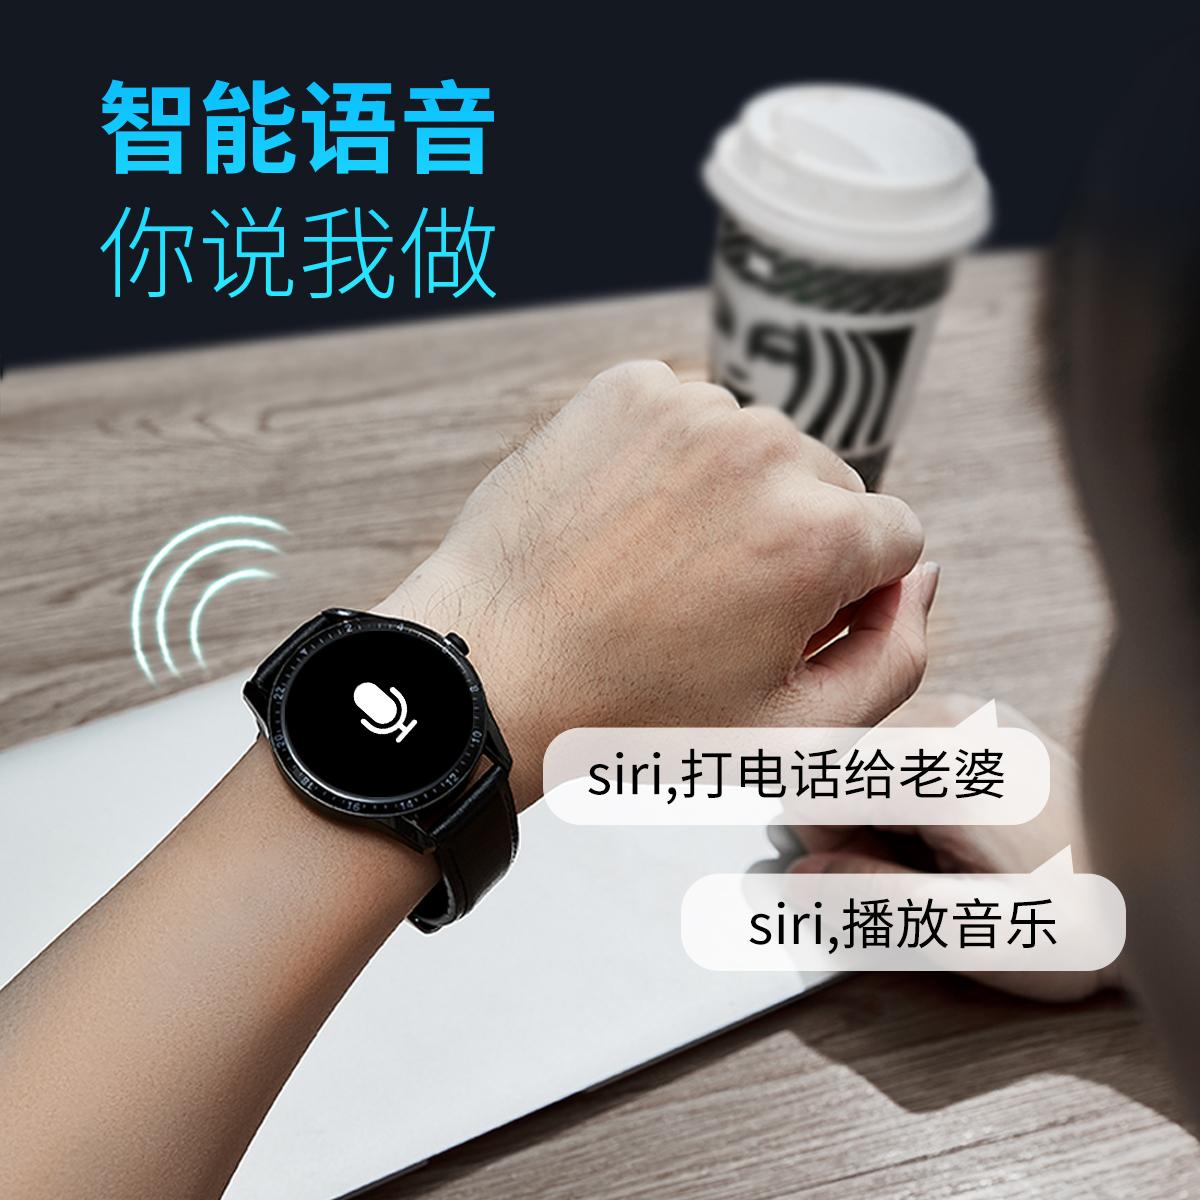 vivo 机械潮流男学生电子表 智能手表男蓝牙可通话适用华为 小米 oppo